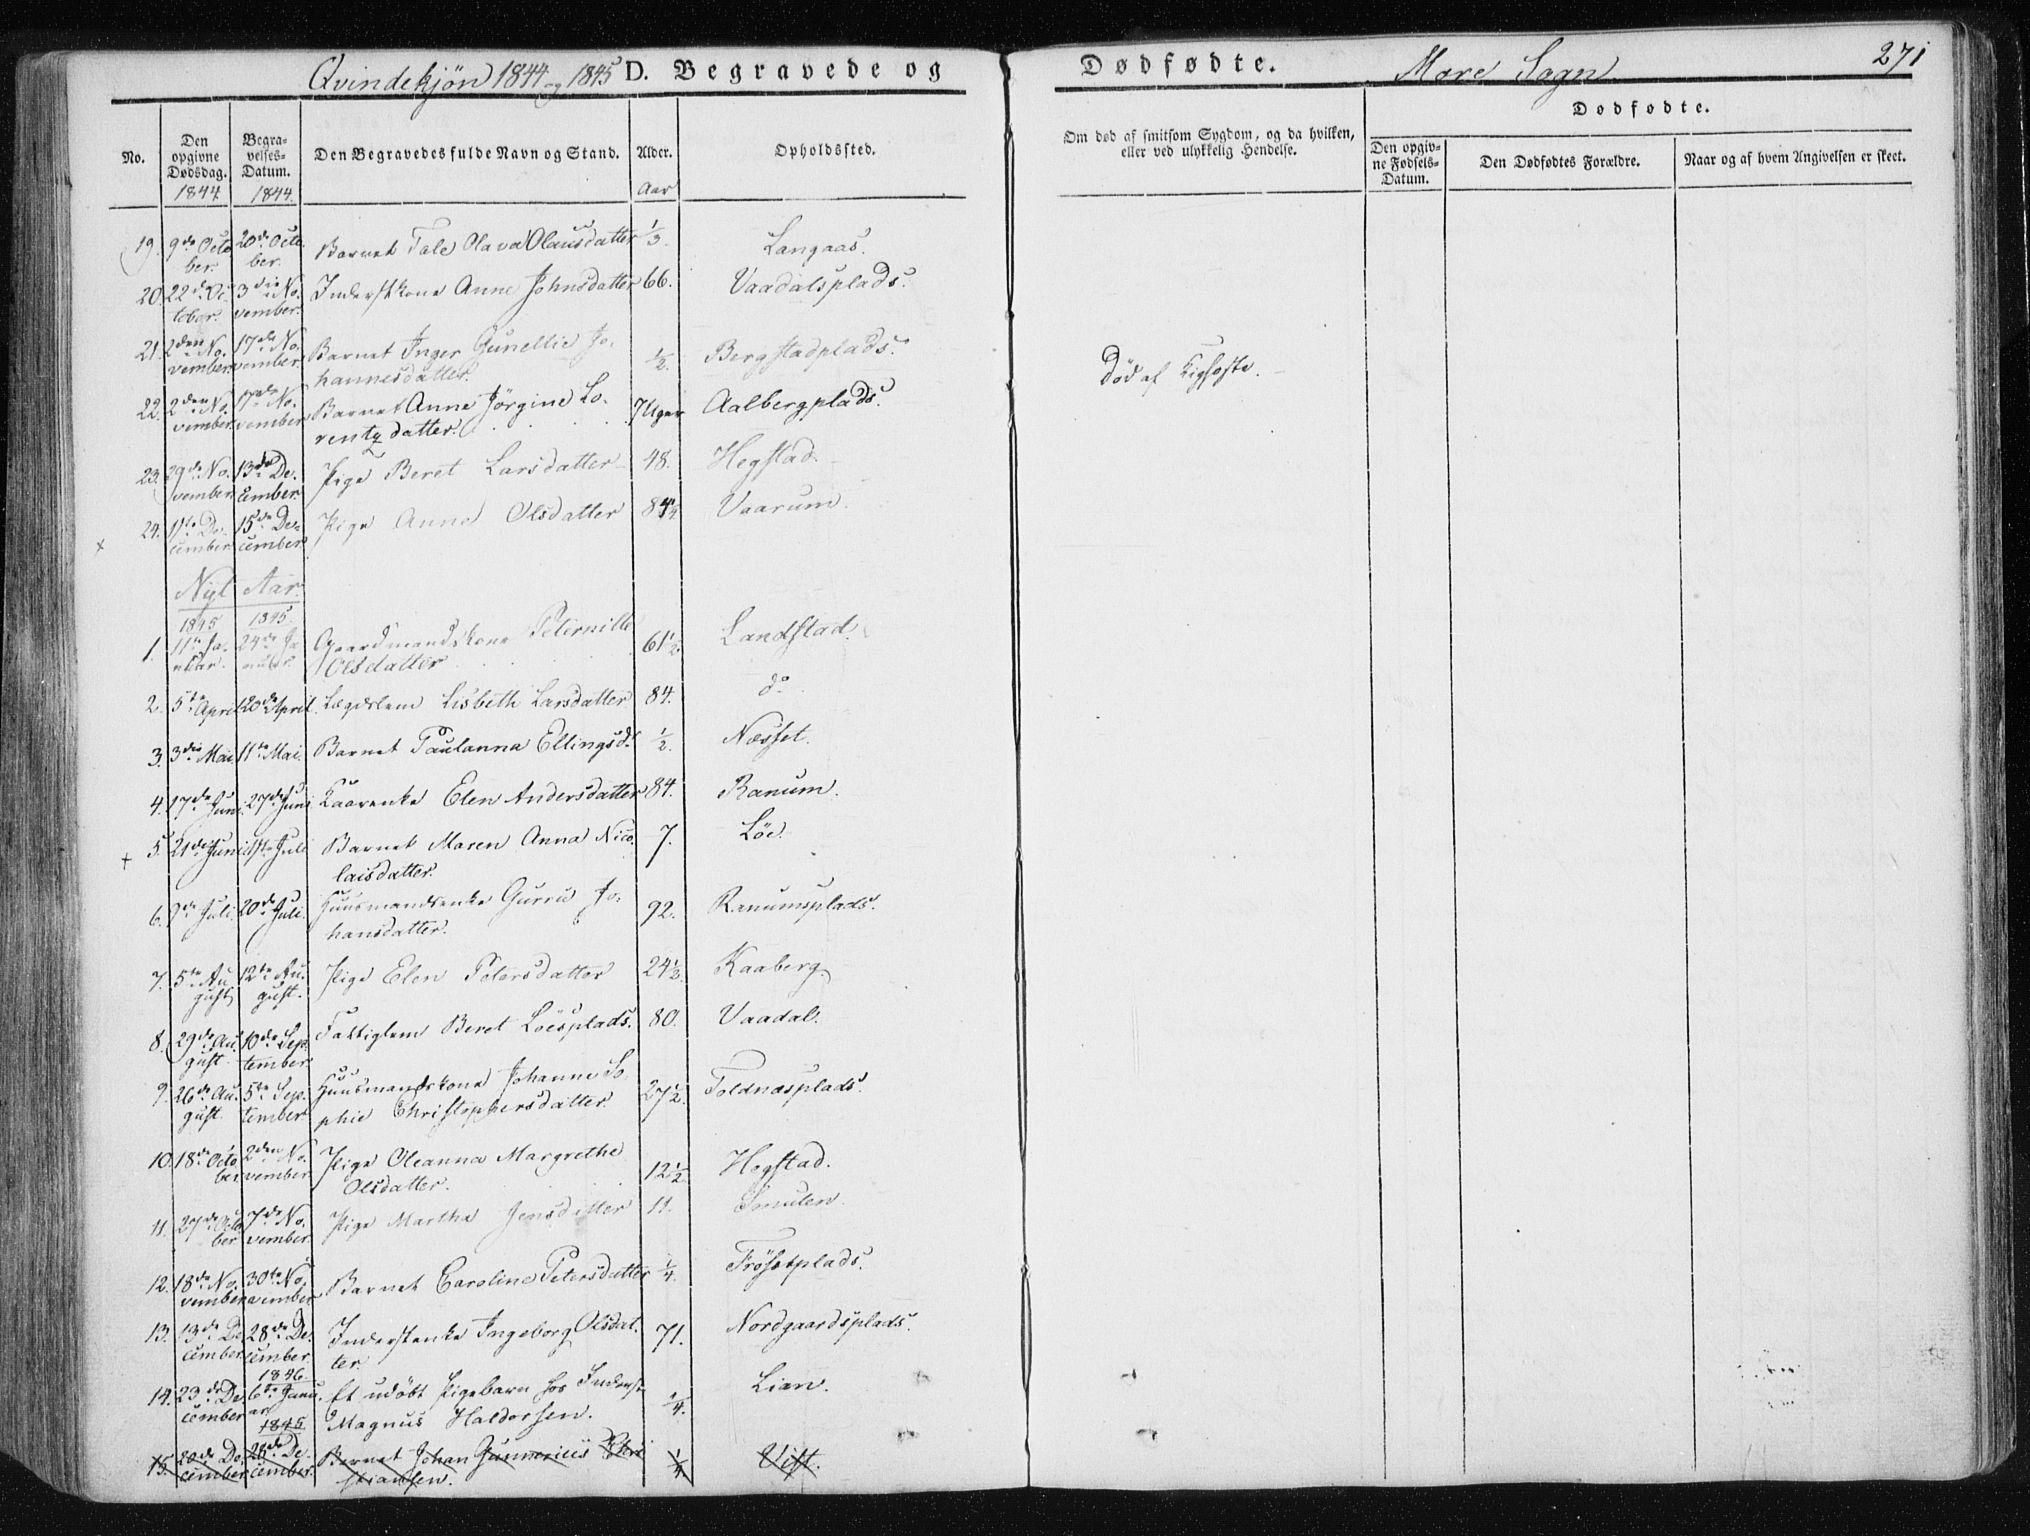 SAT, Ministerialprotokoller, klokkerbøker og fødselsregistre - Nord-Trøndelag, 735/L0339: Ministerialbok nr. 735A06 /1, 1836-1848, s. 271